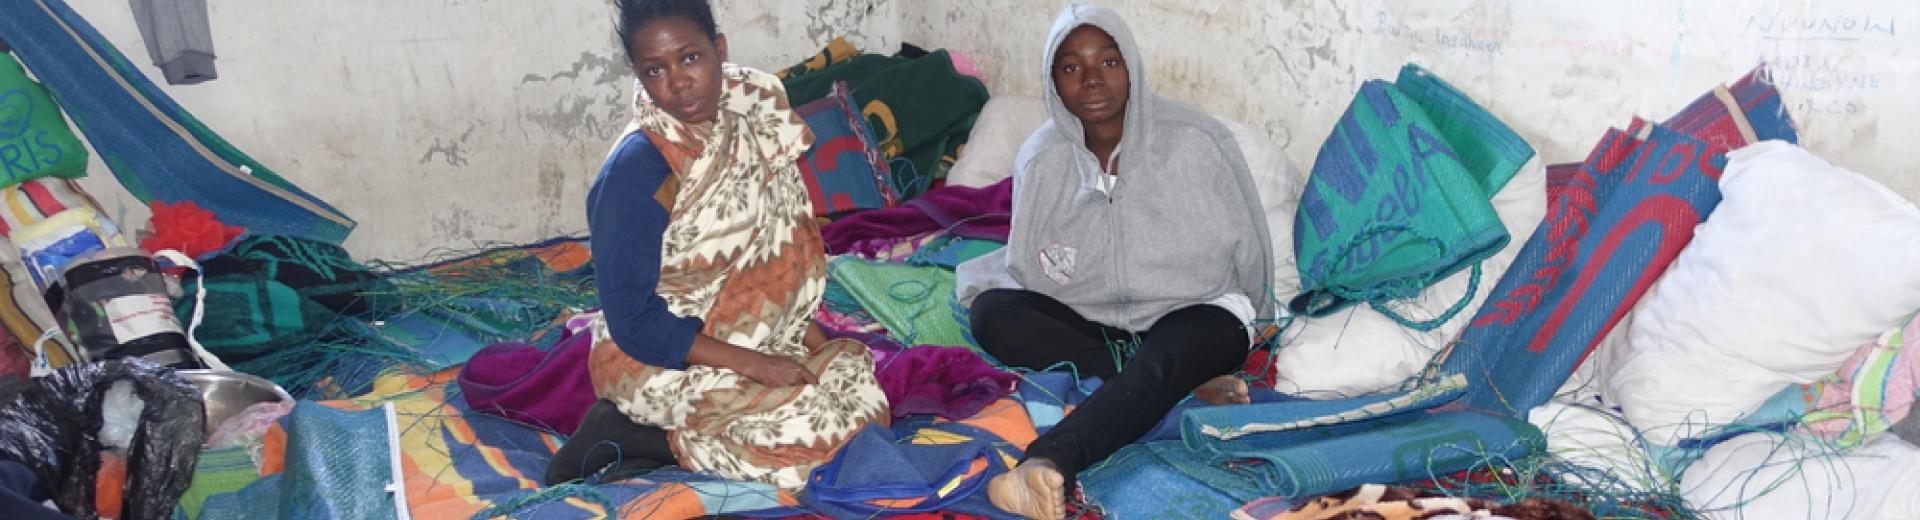 2 van de 40 mensen die in deze cel in Misrata worden vastgehouden. Ze zitten hier al een maand zonder enig contact met de buitenwereld en zijn wanhopig. Tankred Stoebe/AZG. Libië, 2017.